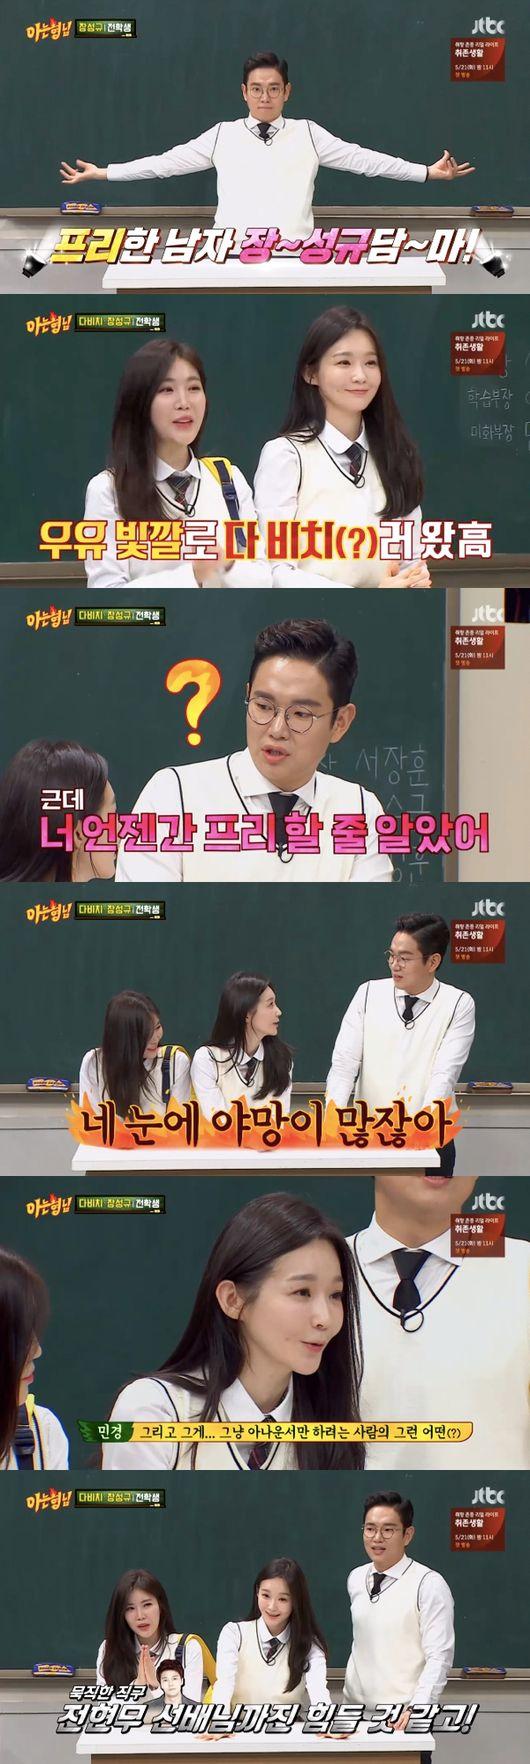 JTBC '아는 형님' 방송화면 캡처